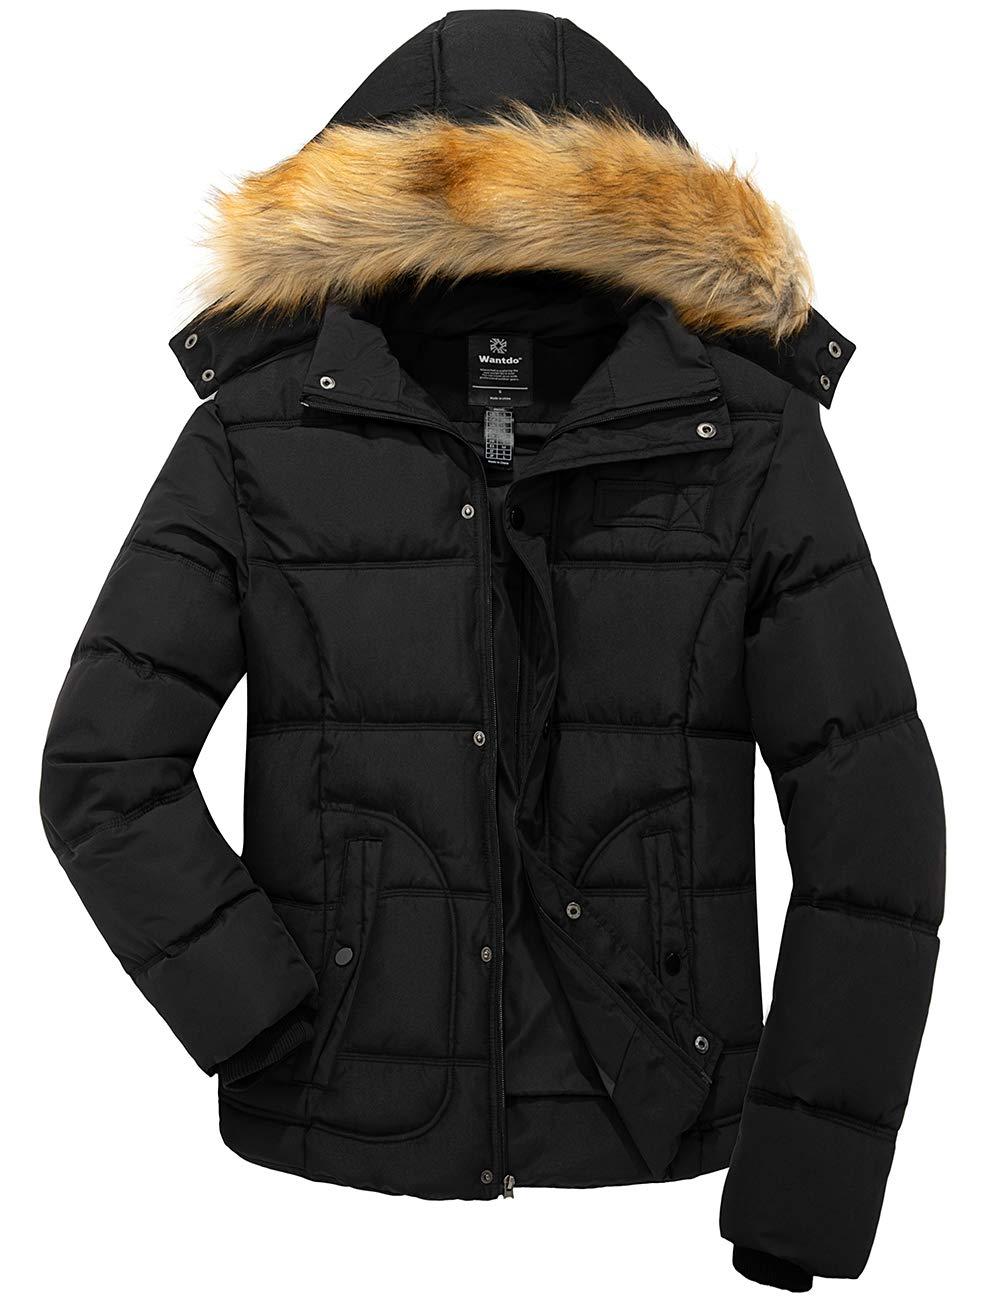 Wantdo Men's Winter Puffer Jacket Thicken Winter Coat Warm Outwear with Hood